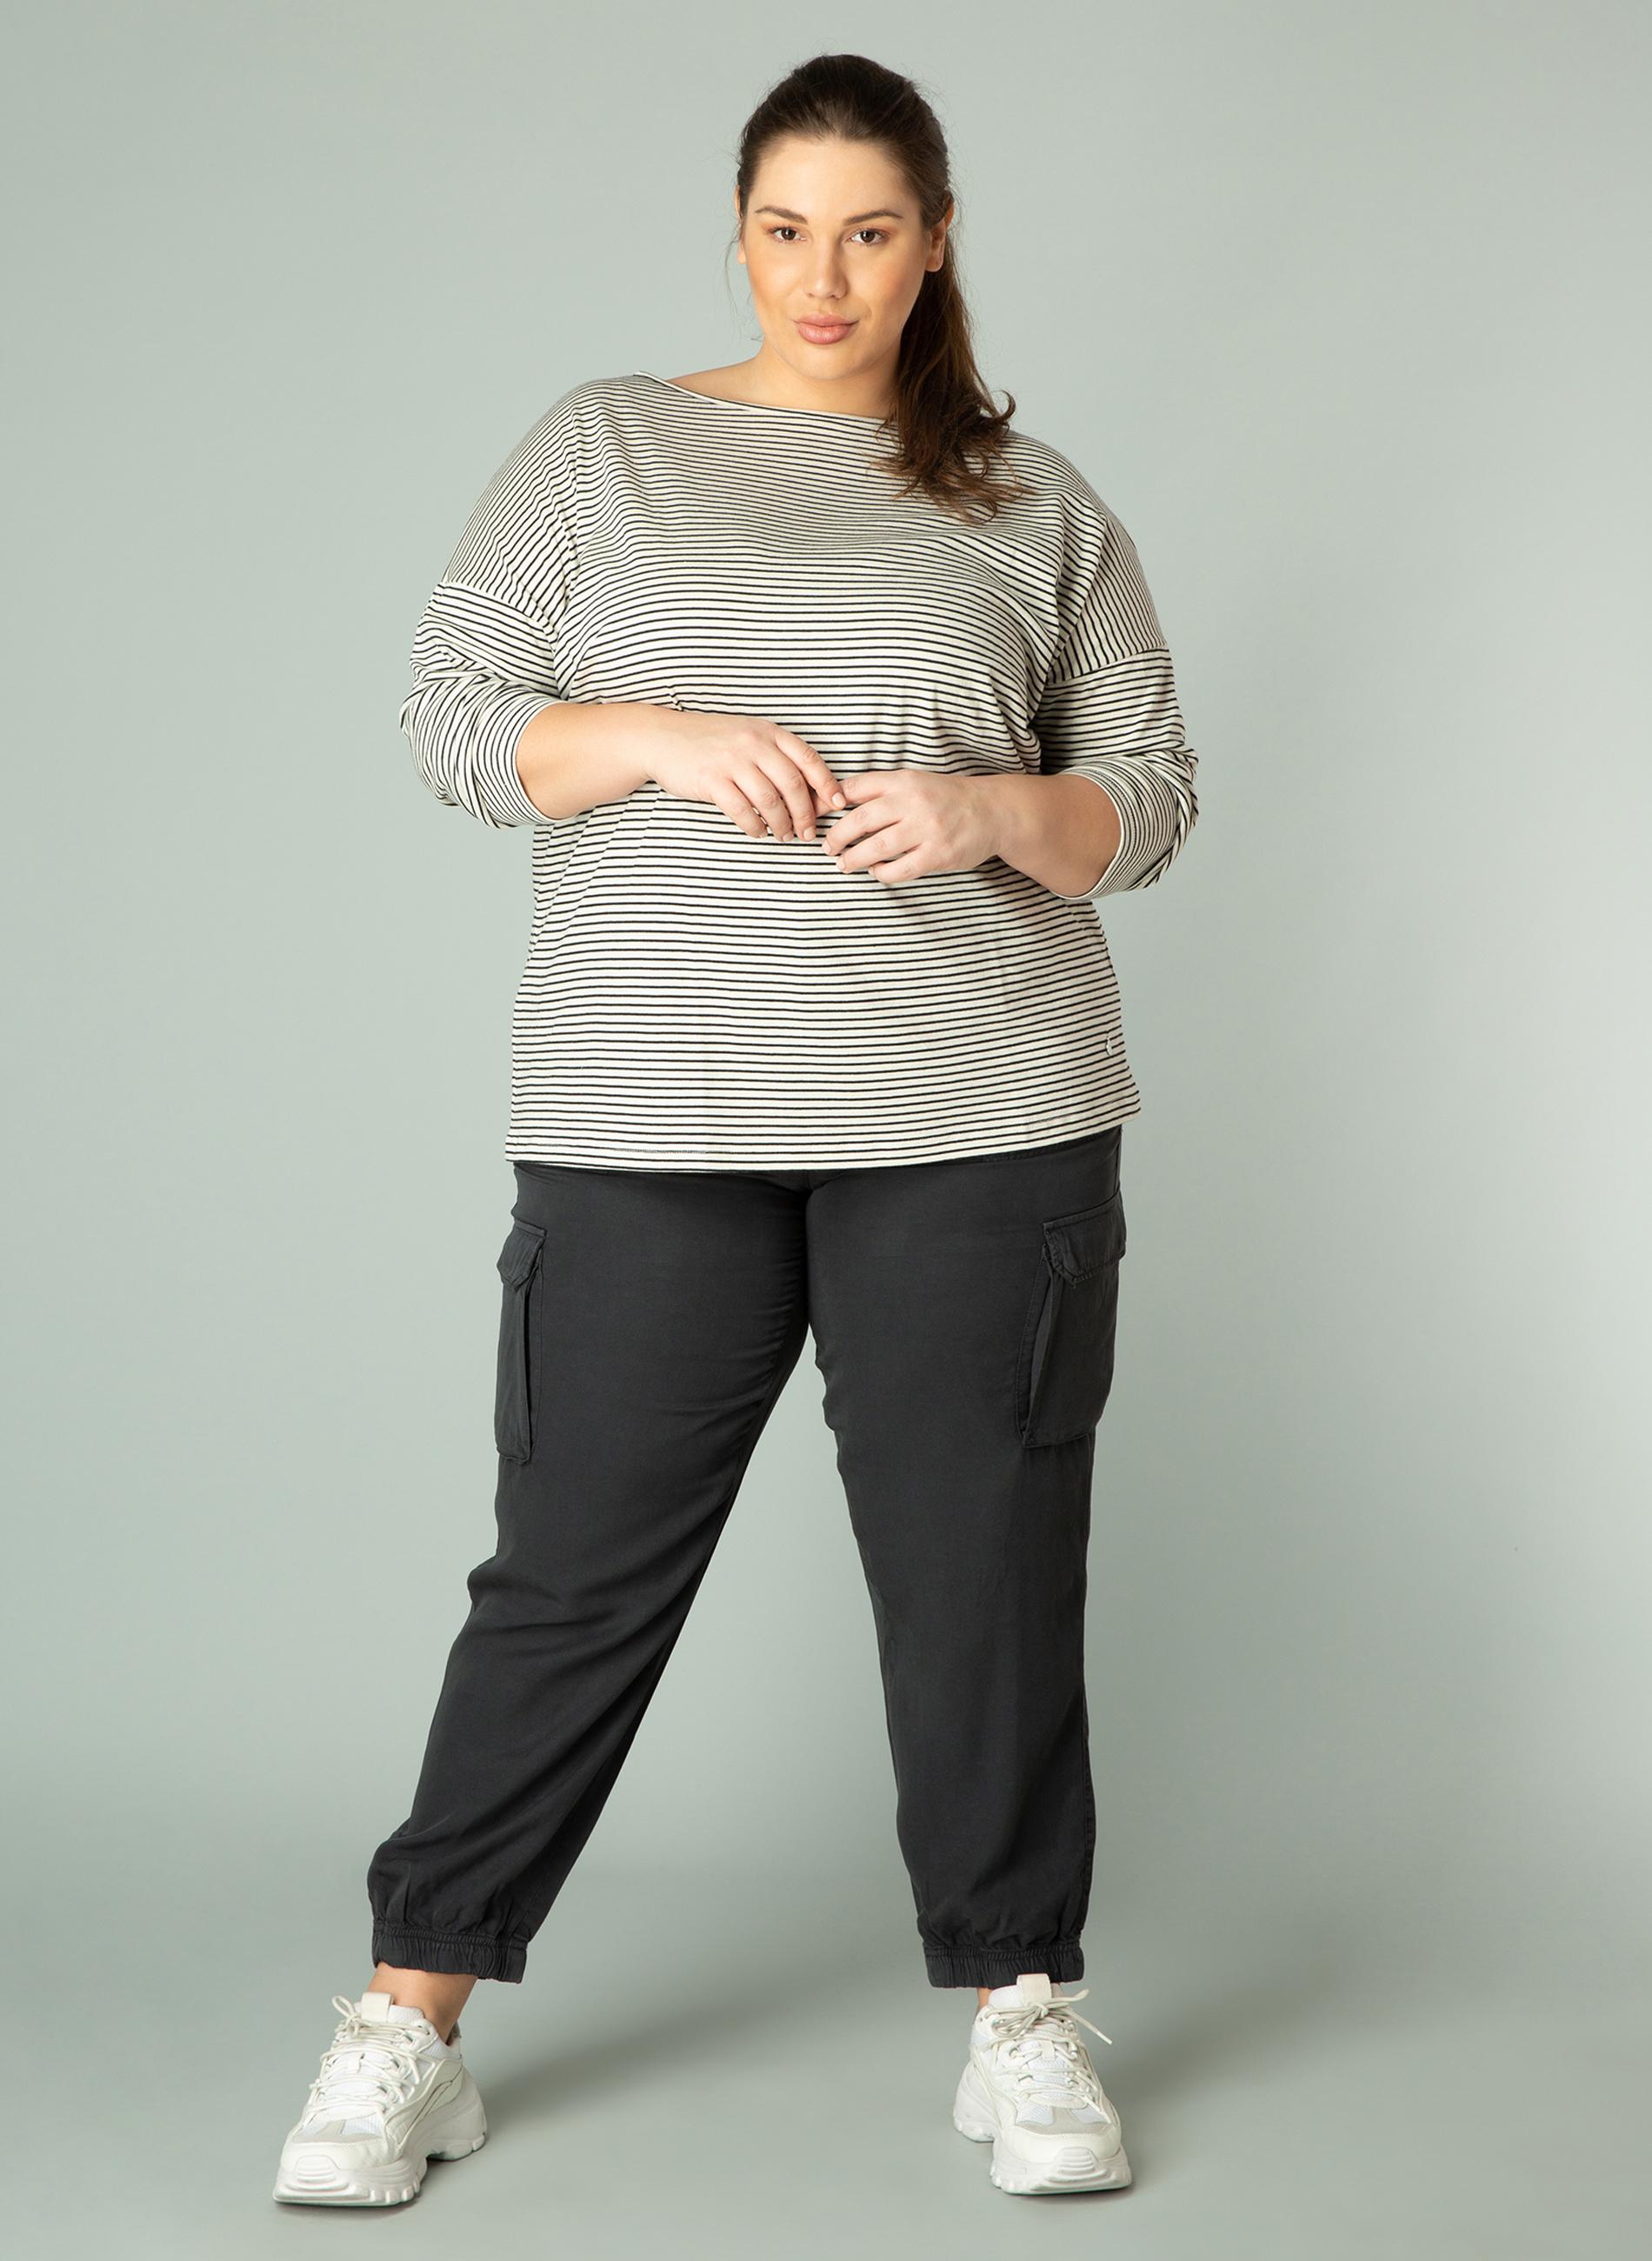 Shirt Henrietta Yesta 75 cm